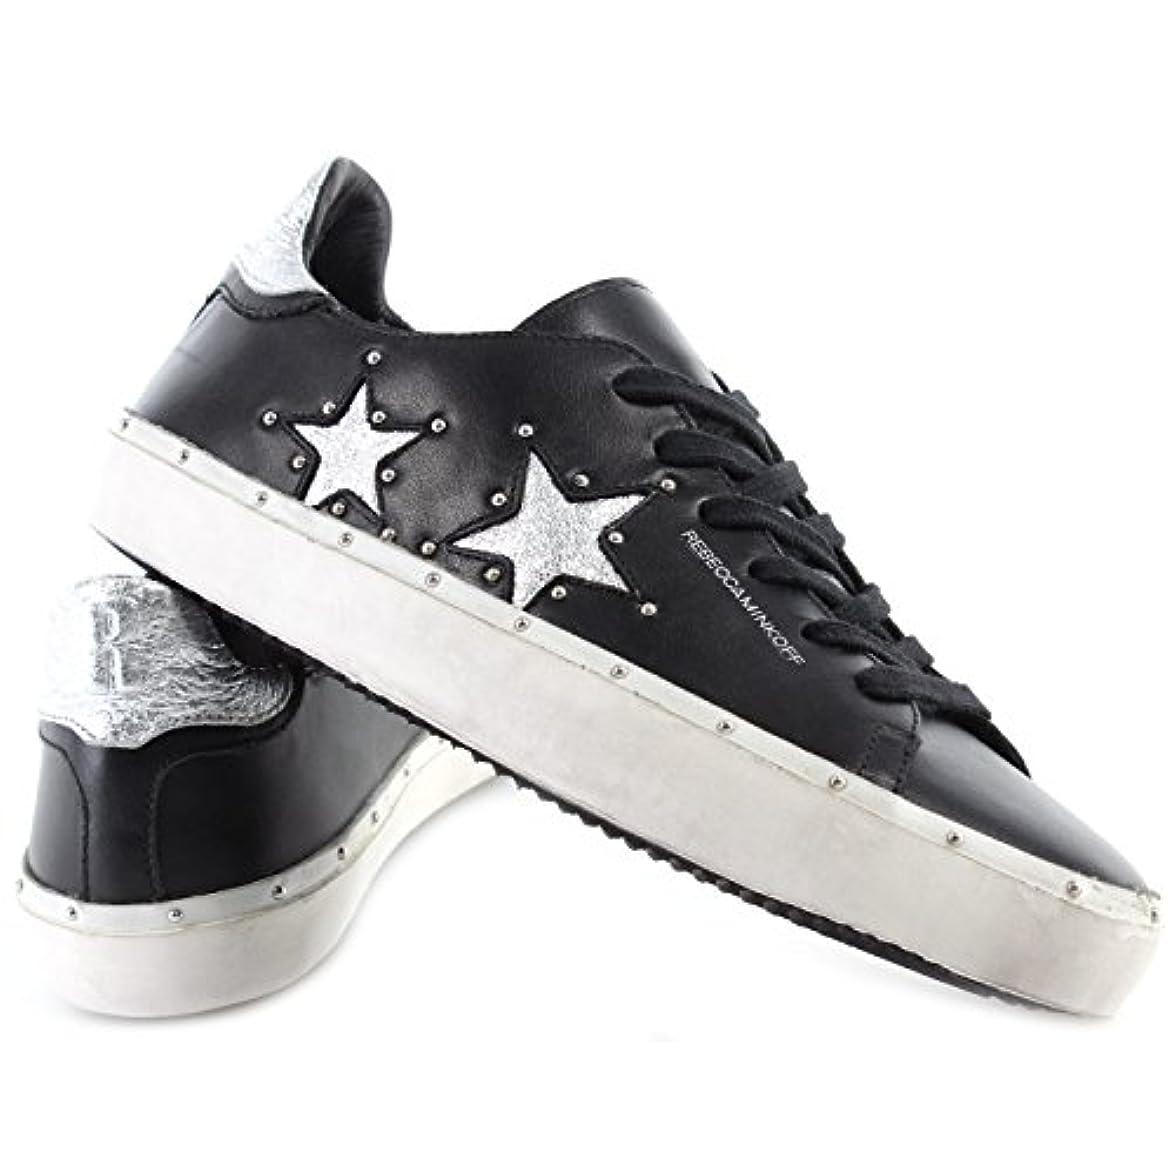 Rebecca Minkoff Scarpe Donna Sneakers Rmmilt12 Bksv Michell Pelle Nera Nuove